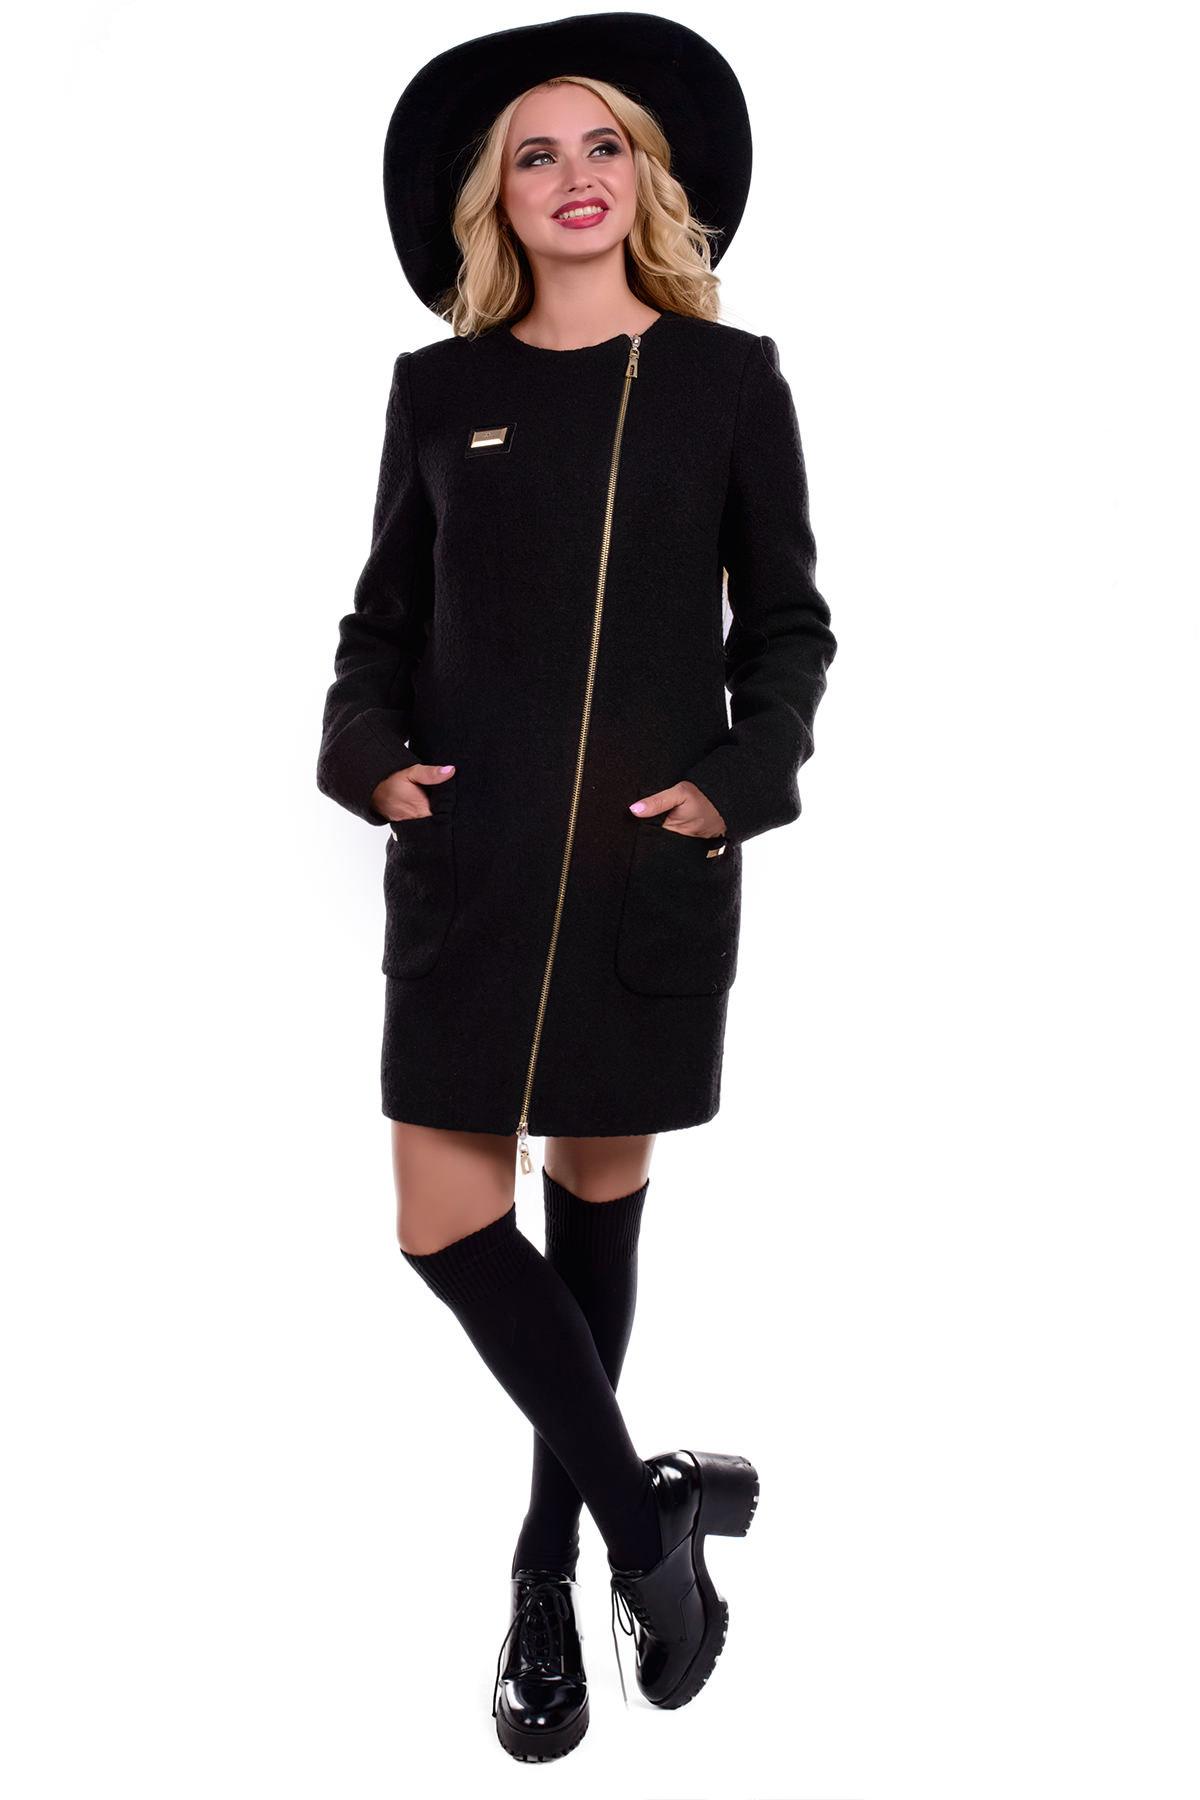 Пальто Милтон 0382  Цвет: Черный 4 баритон